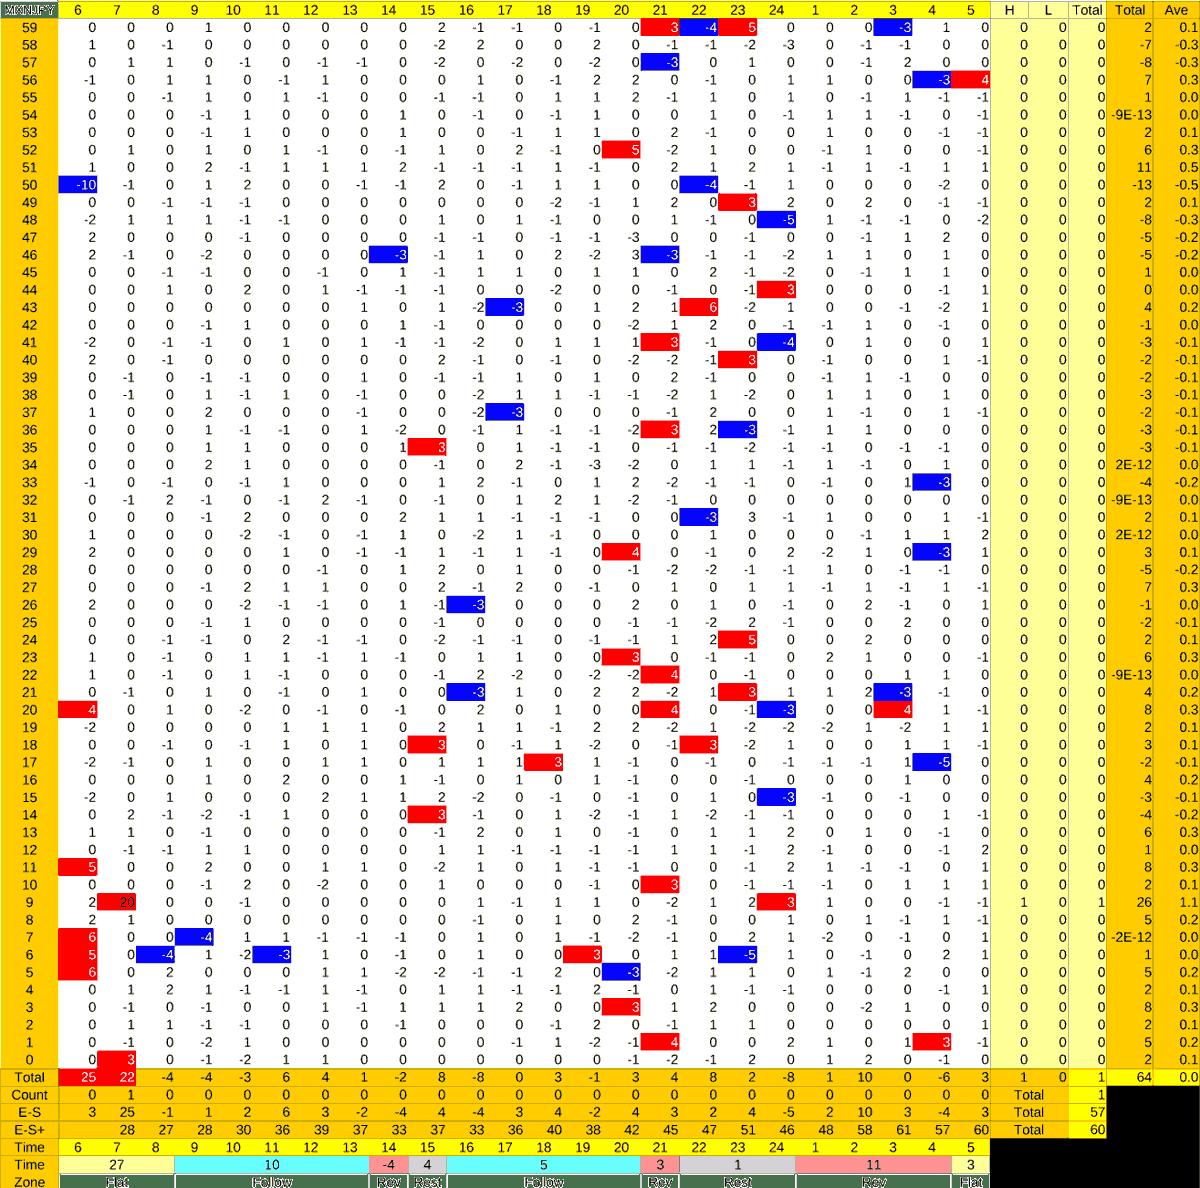 20210330_HS(3)MXNJPY-min